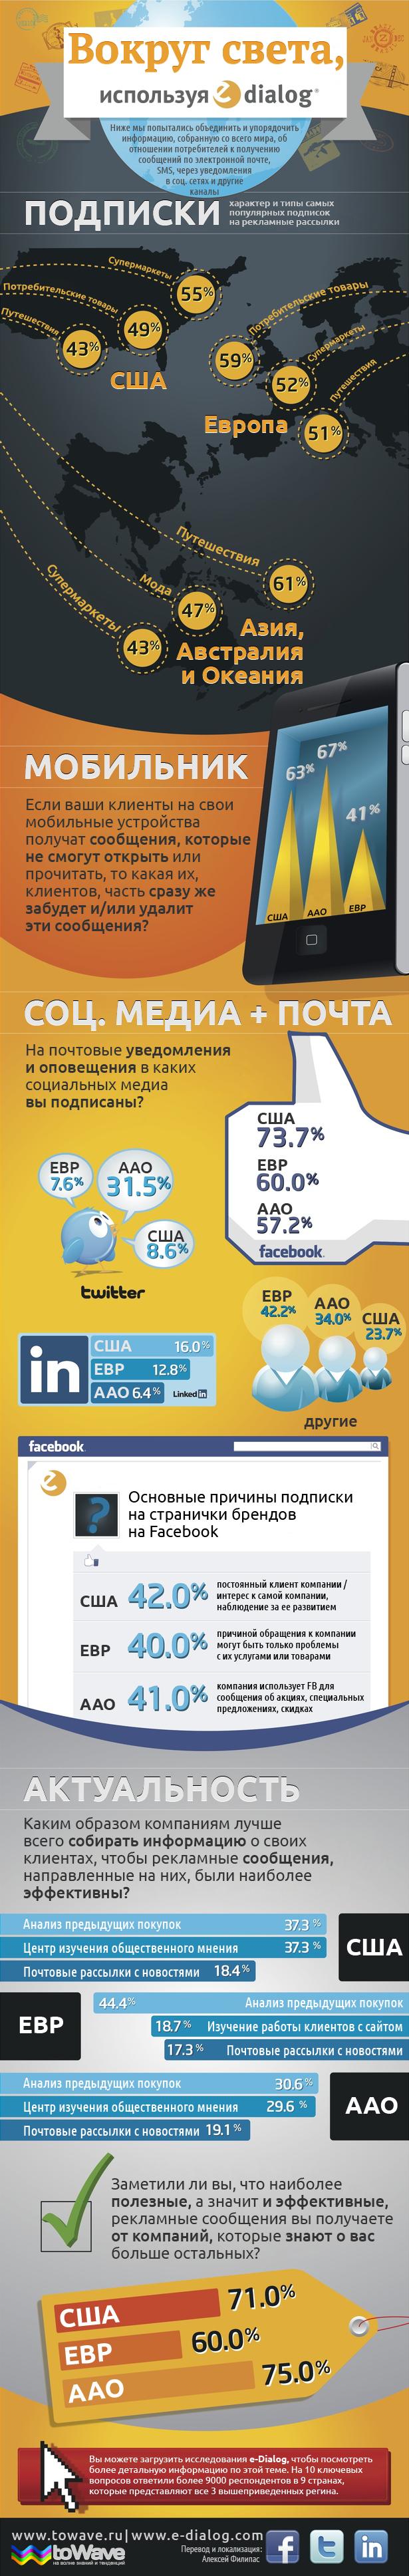 Инфографика: весь мир в электронных сообщениях